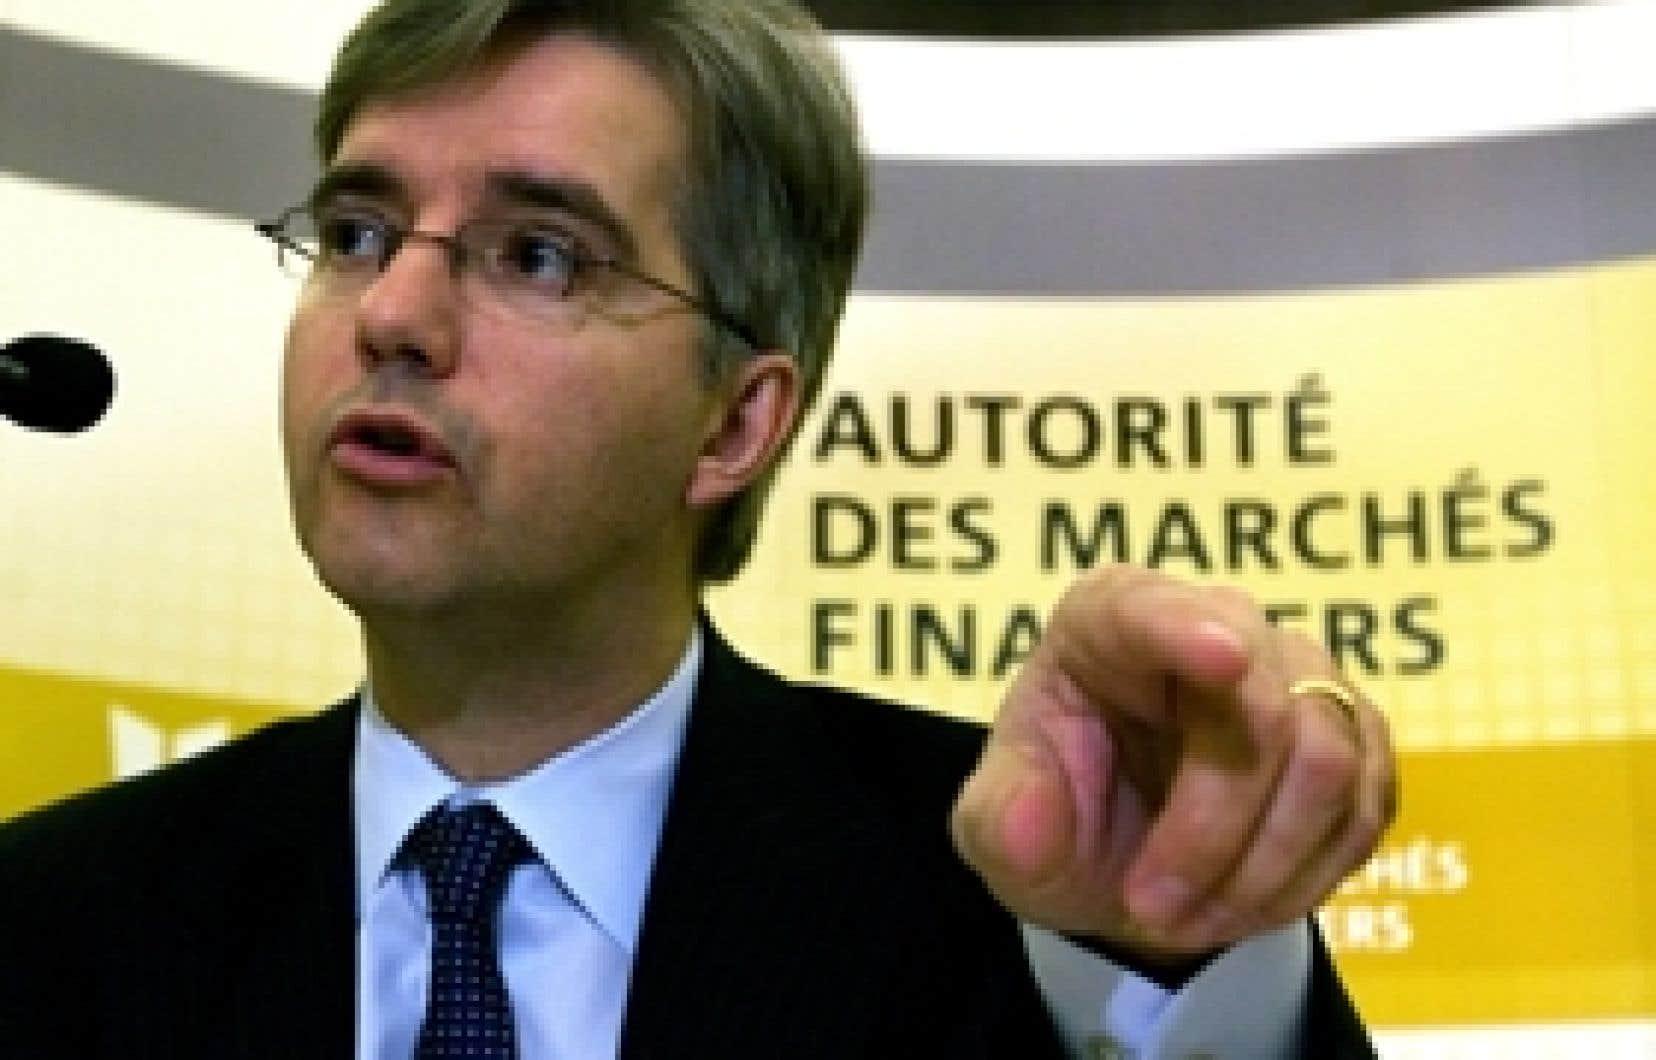 Pour le p.-d.g. de l'AMF, Jean St-Gelais, «les gens ne sont pas mûrs» pour une supervision de l'industrie de l'épargne collective par l'Association canadienne des courtiers en fonds mutuels.